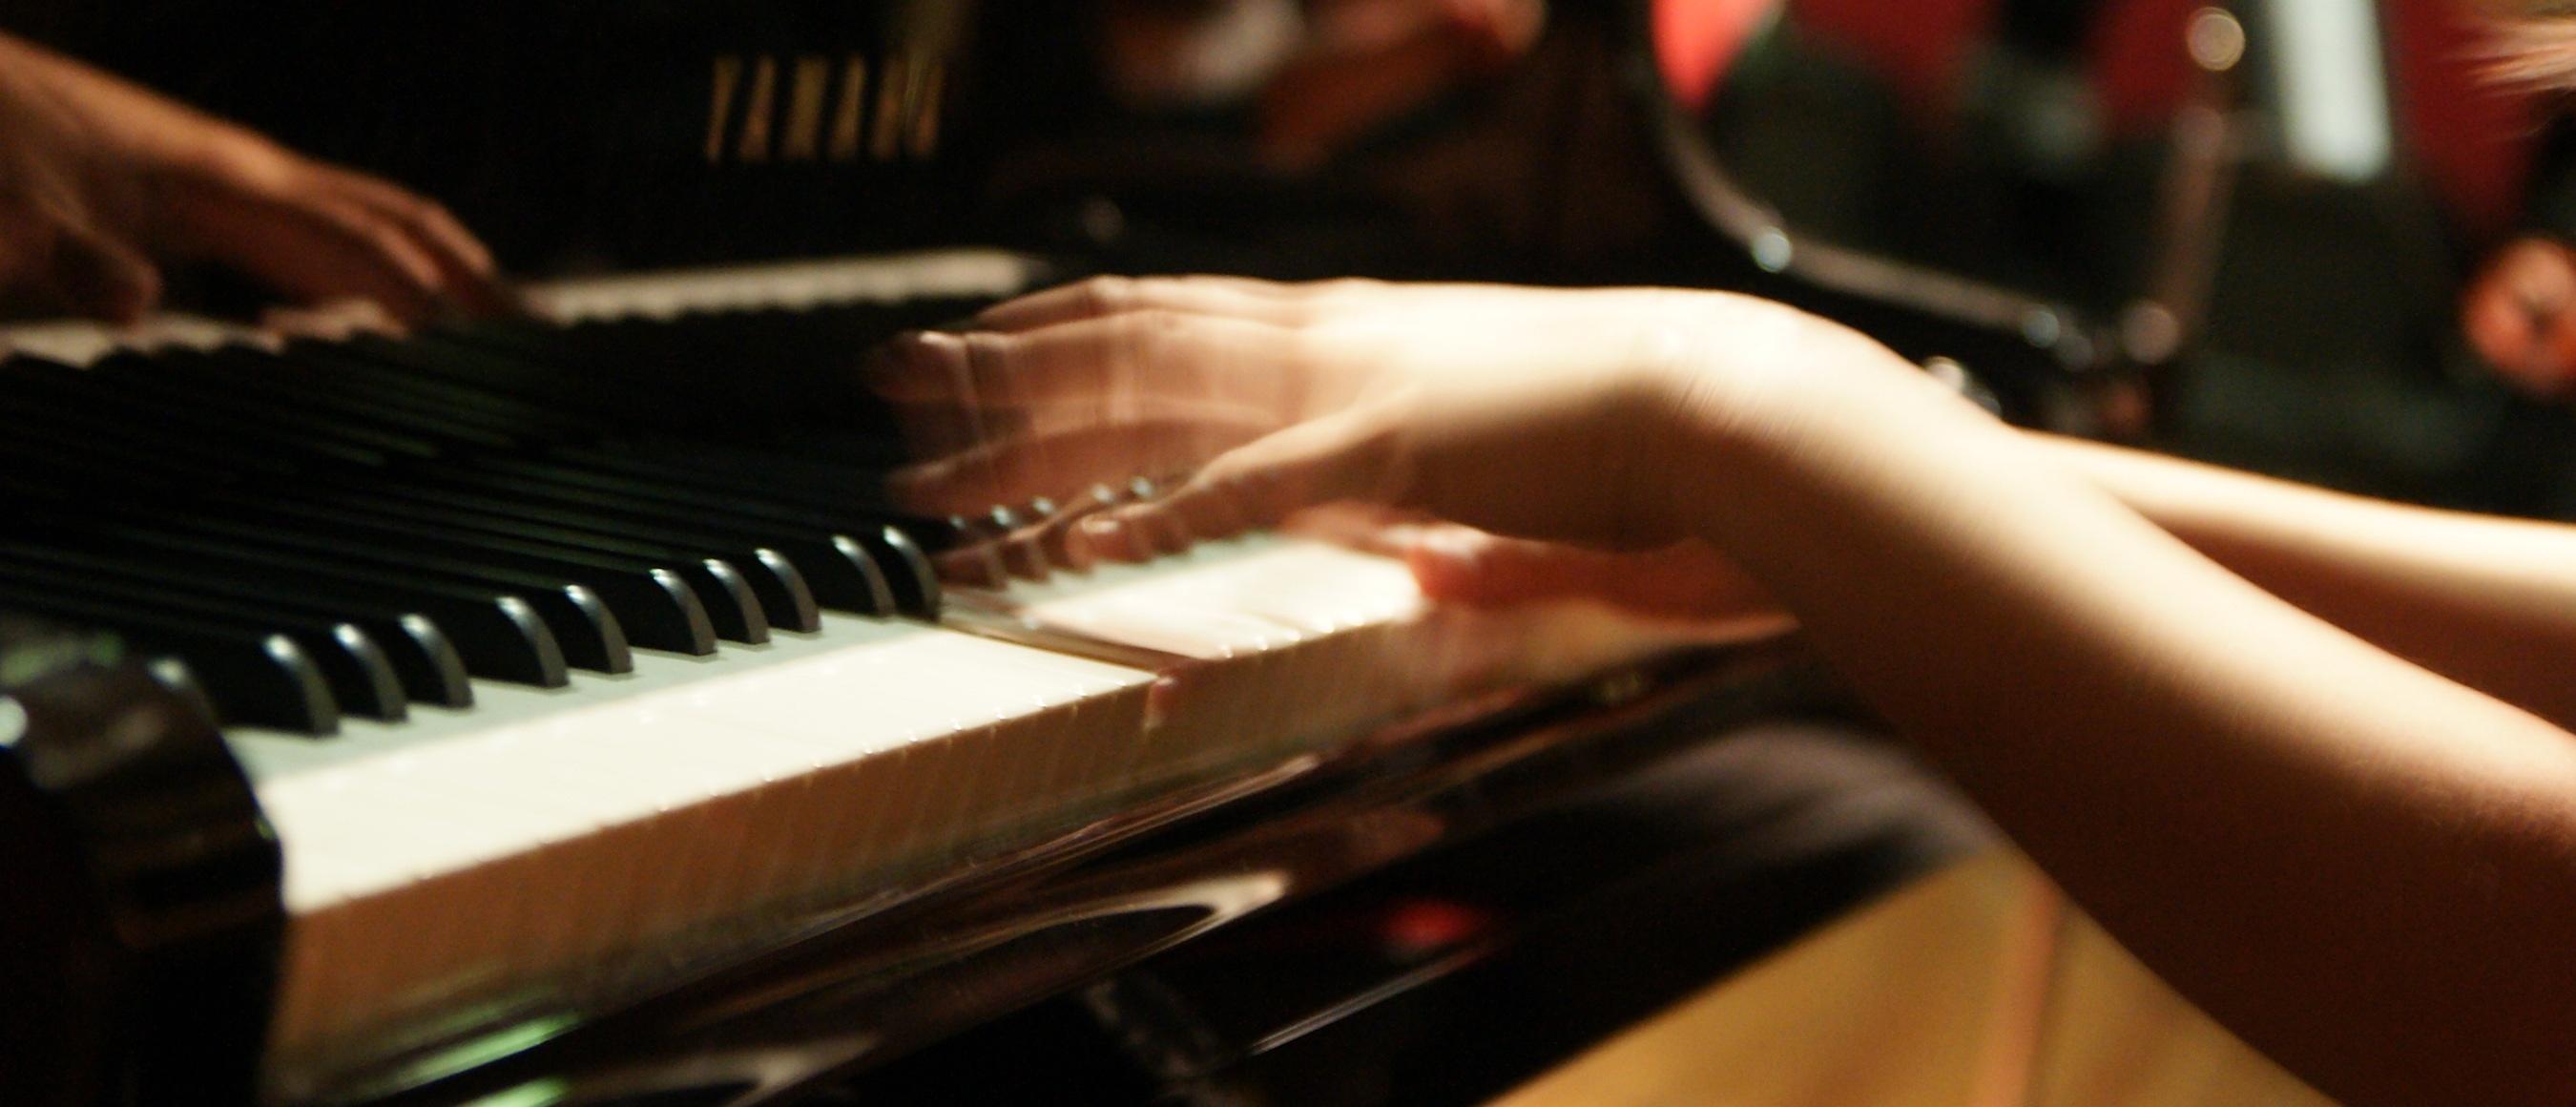 piano.2700